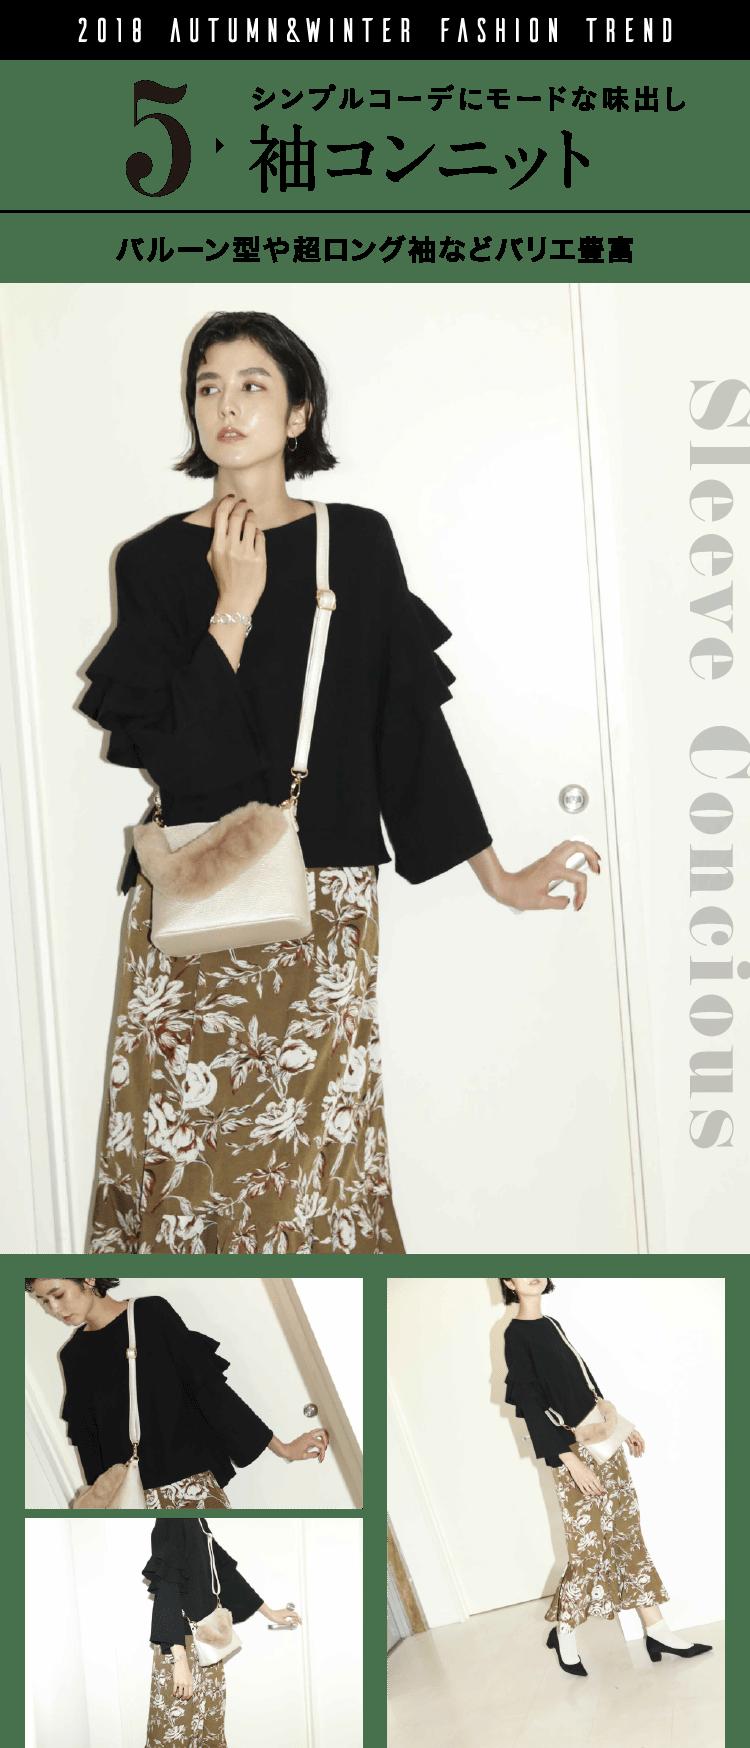 シンプルコーデにモードな味出し 袖コンニット バルーン型や超ロング袖などバリエ豊富